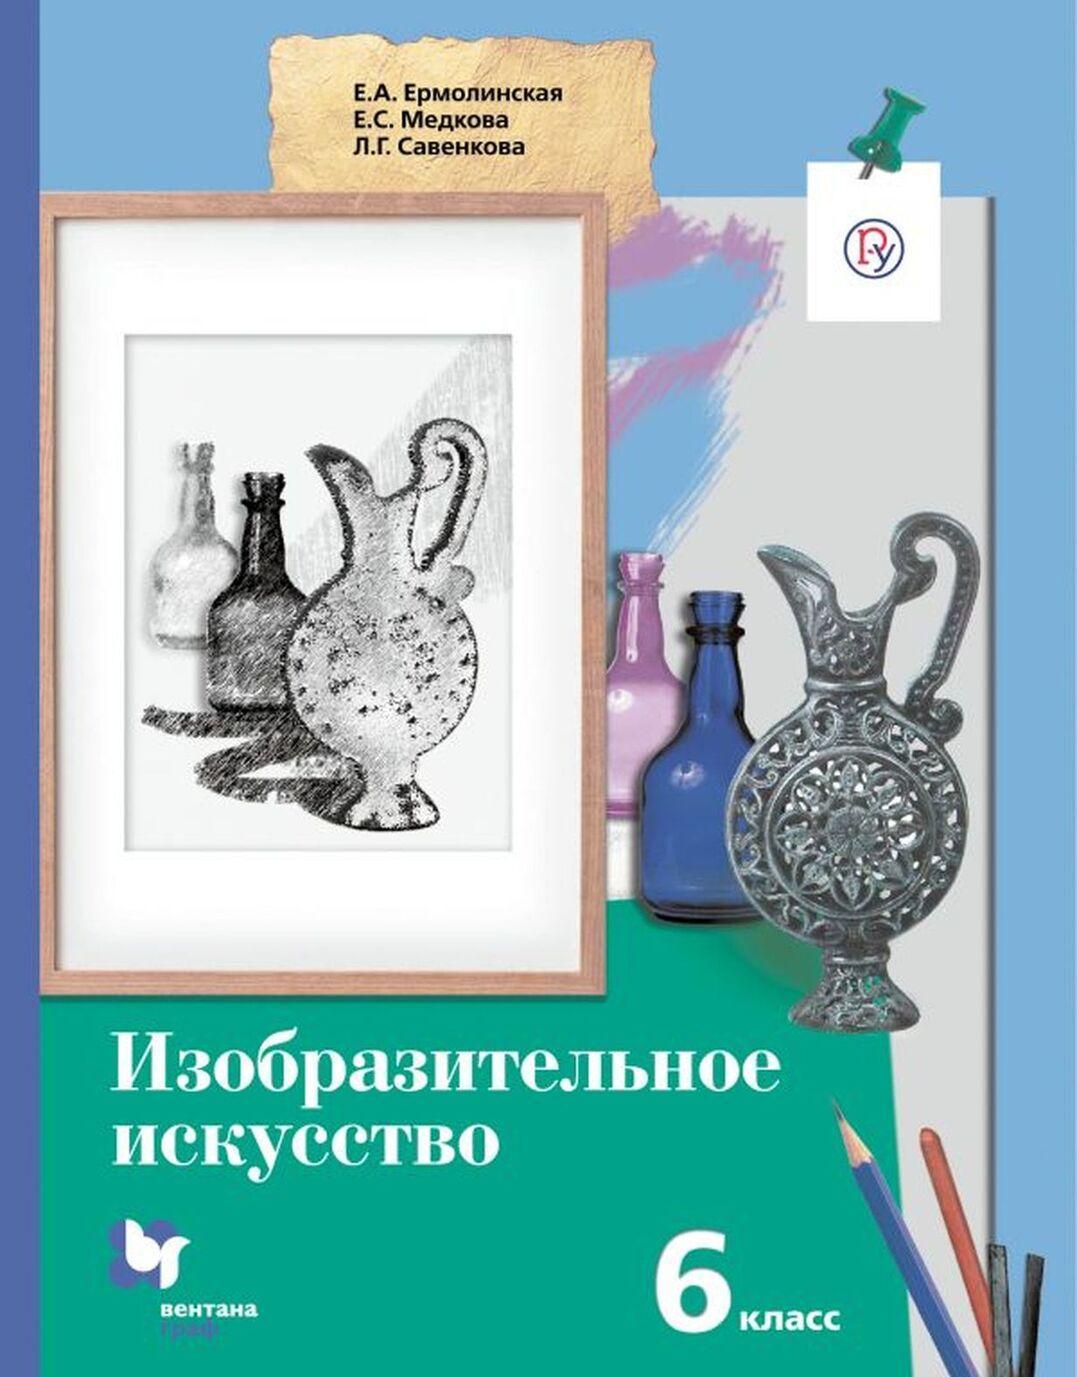 Izobrazitelnoe iskusstvo. 6klass. Uchebnik | Savenkova Ljubov Grigorevna, Medkova Elena Stojanovna